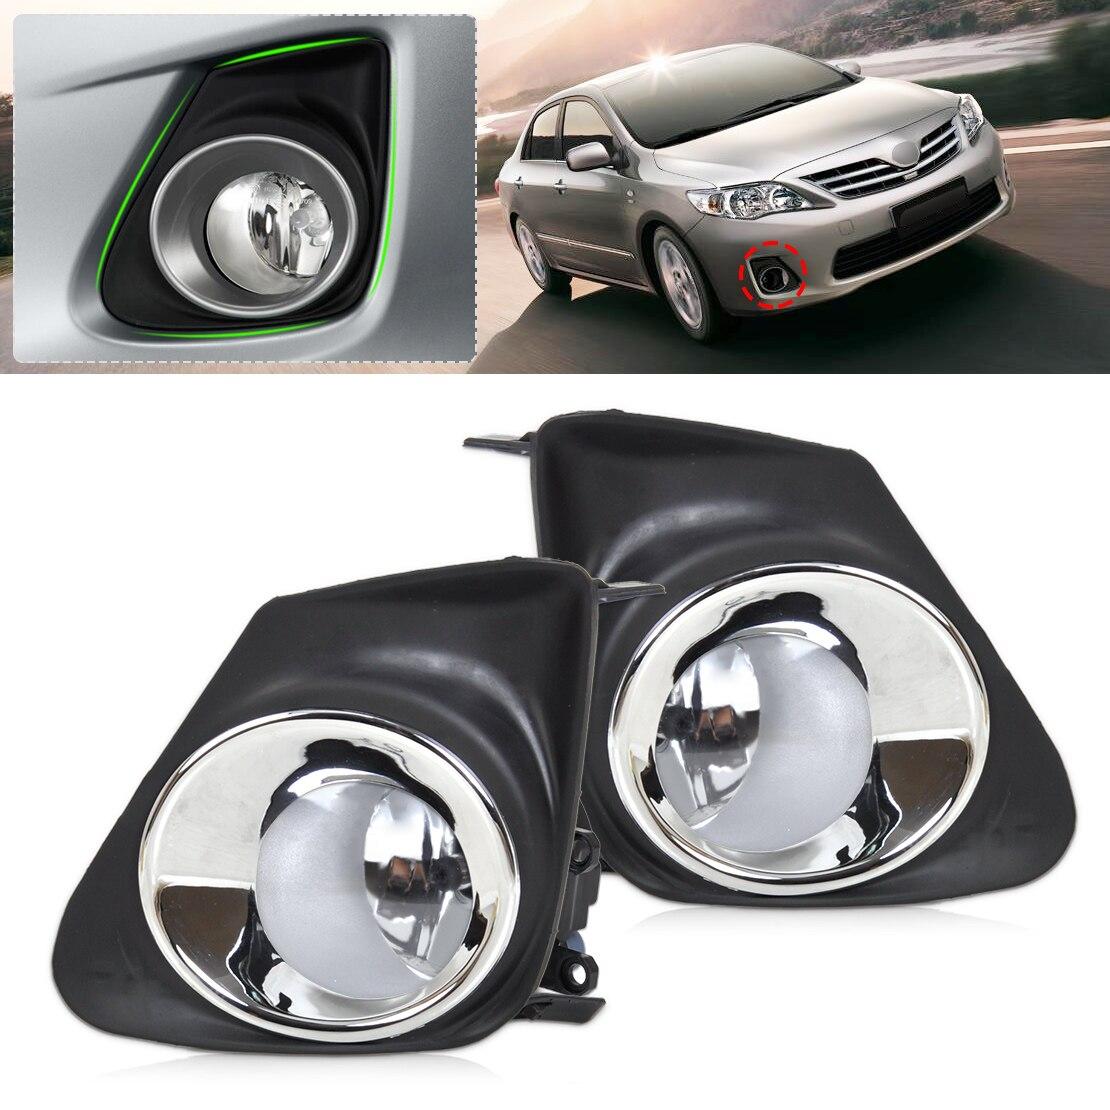 Dwcx 8122006070 812200d040 2pcs front bumper fog light lamp 2pcs grille cover for toyota